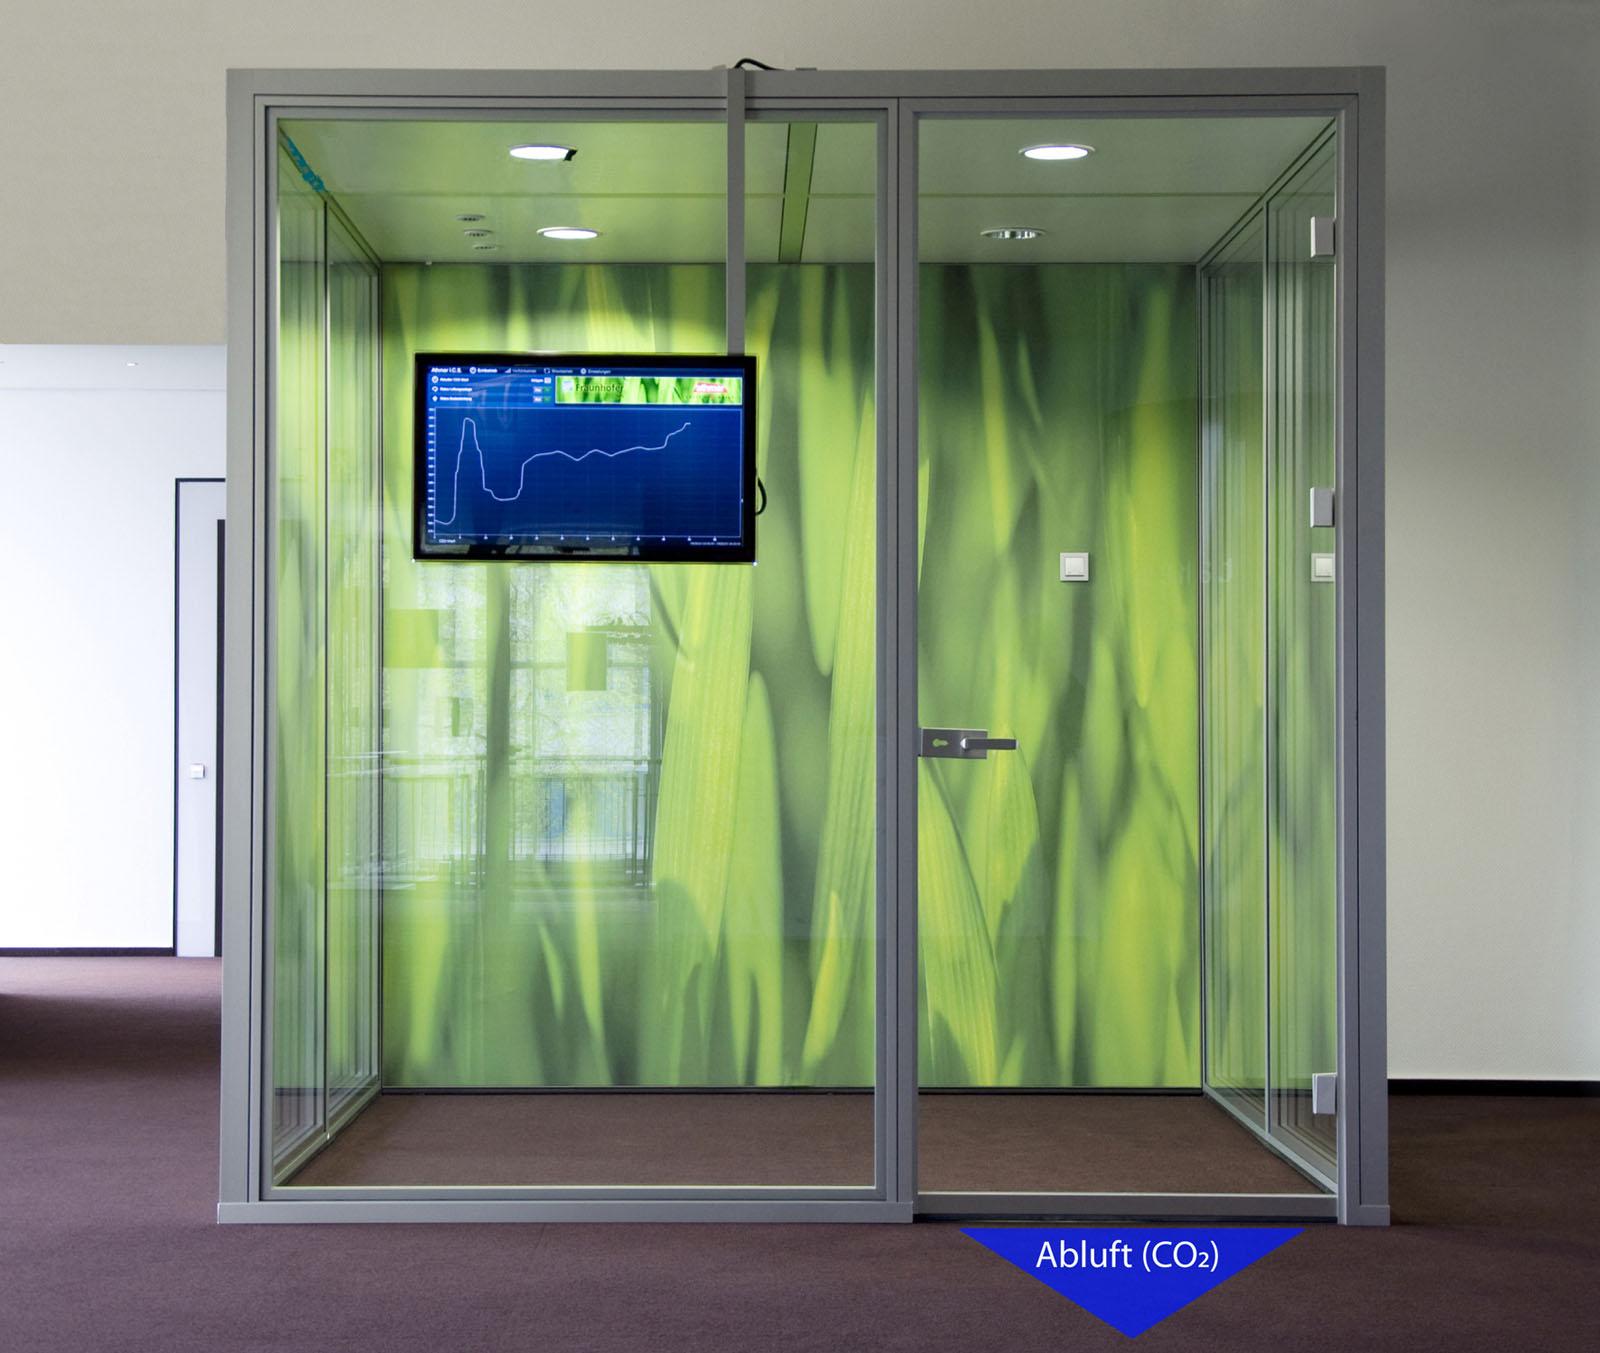 Умная дверь предотвращает конфликты в зале совещаний